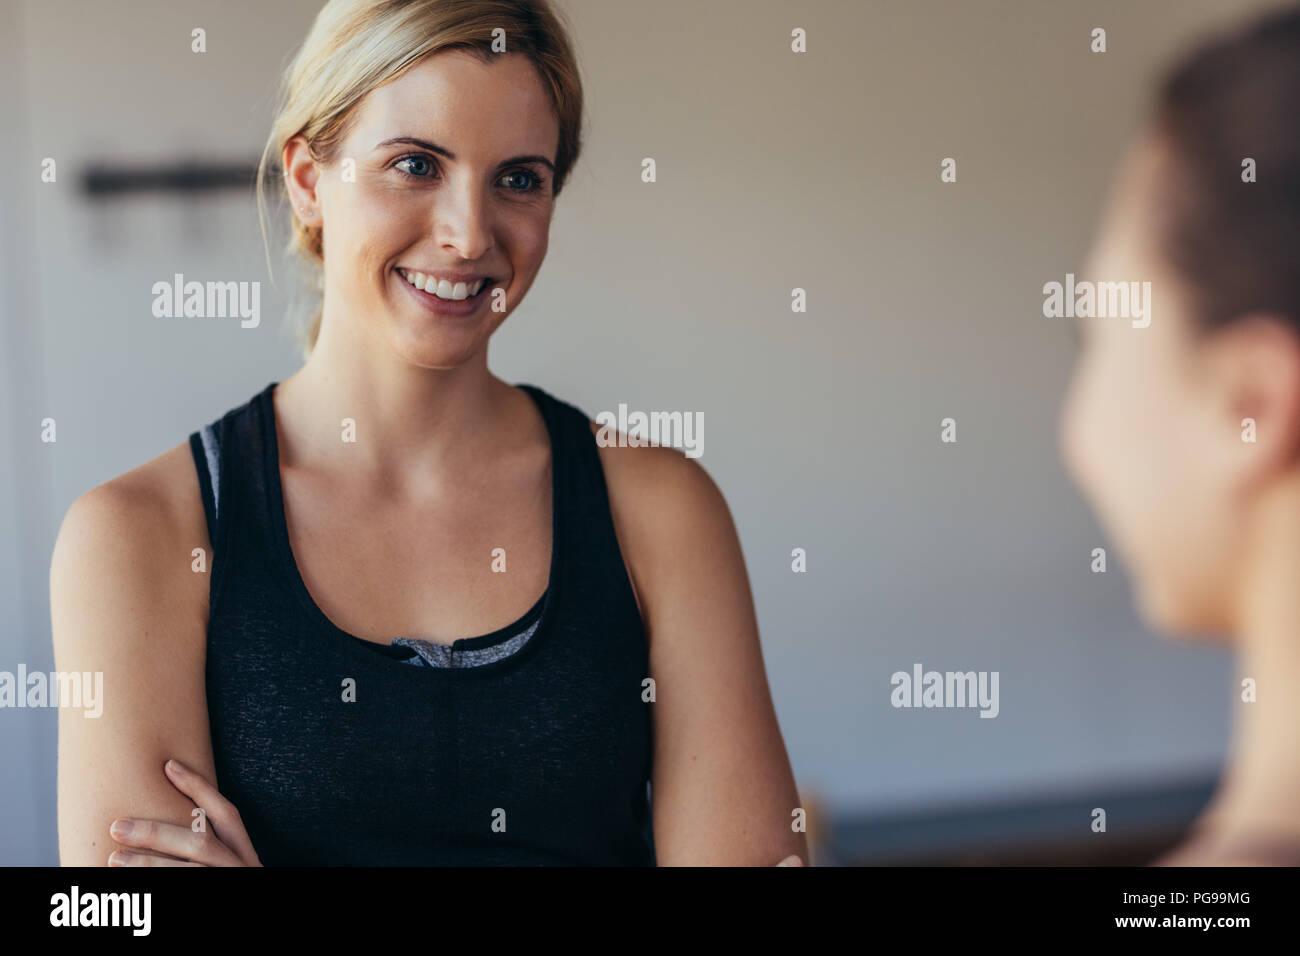 Donna sorridente nel fitness indossare a un pilates training gym. Donna che parla ad un amico in palestra. Immagini Stock